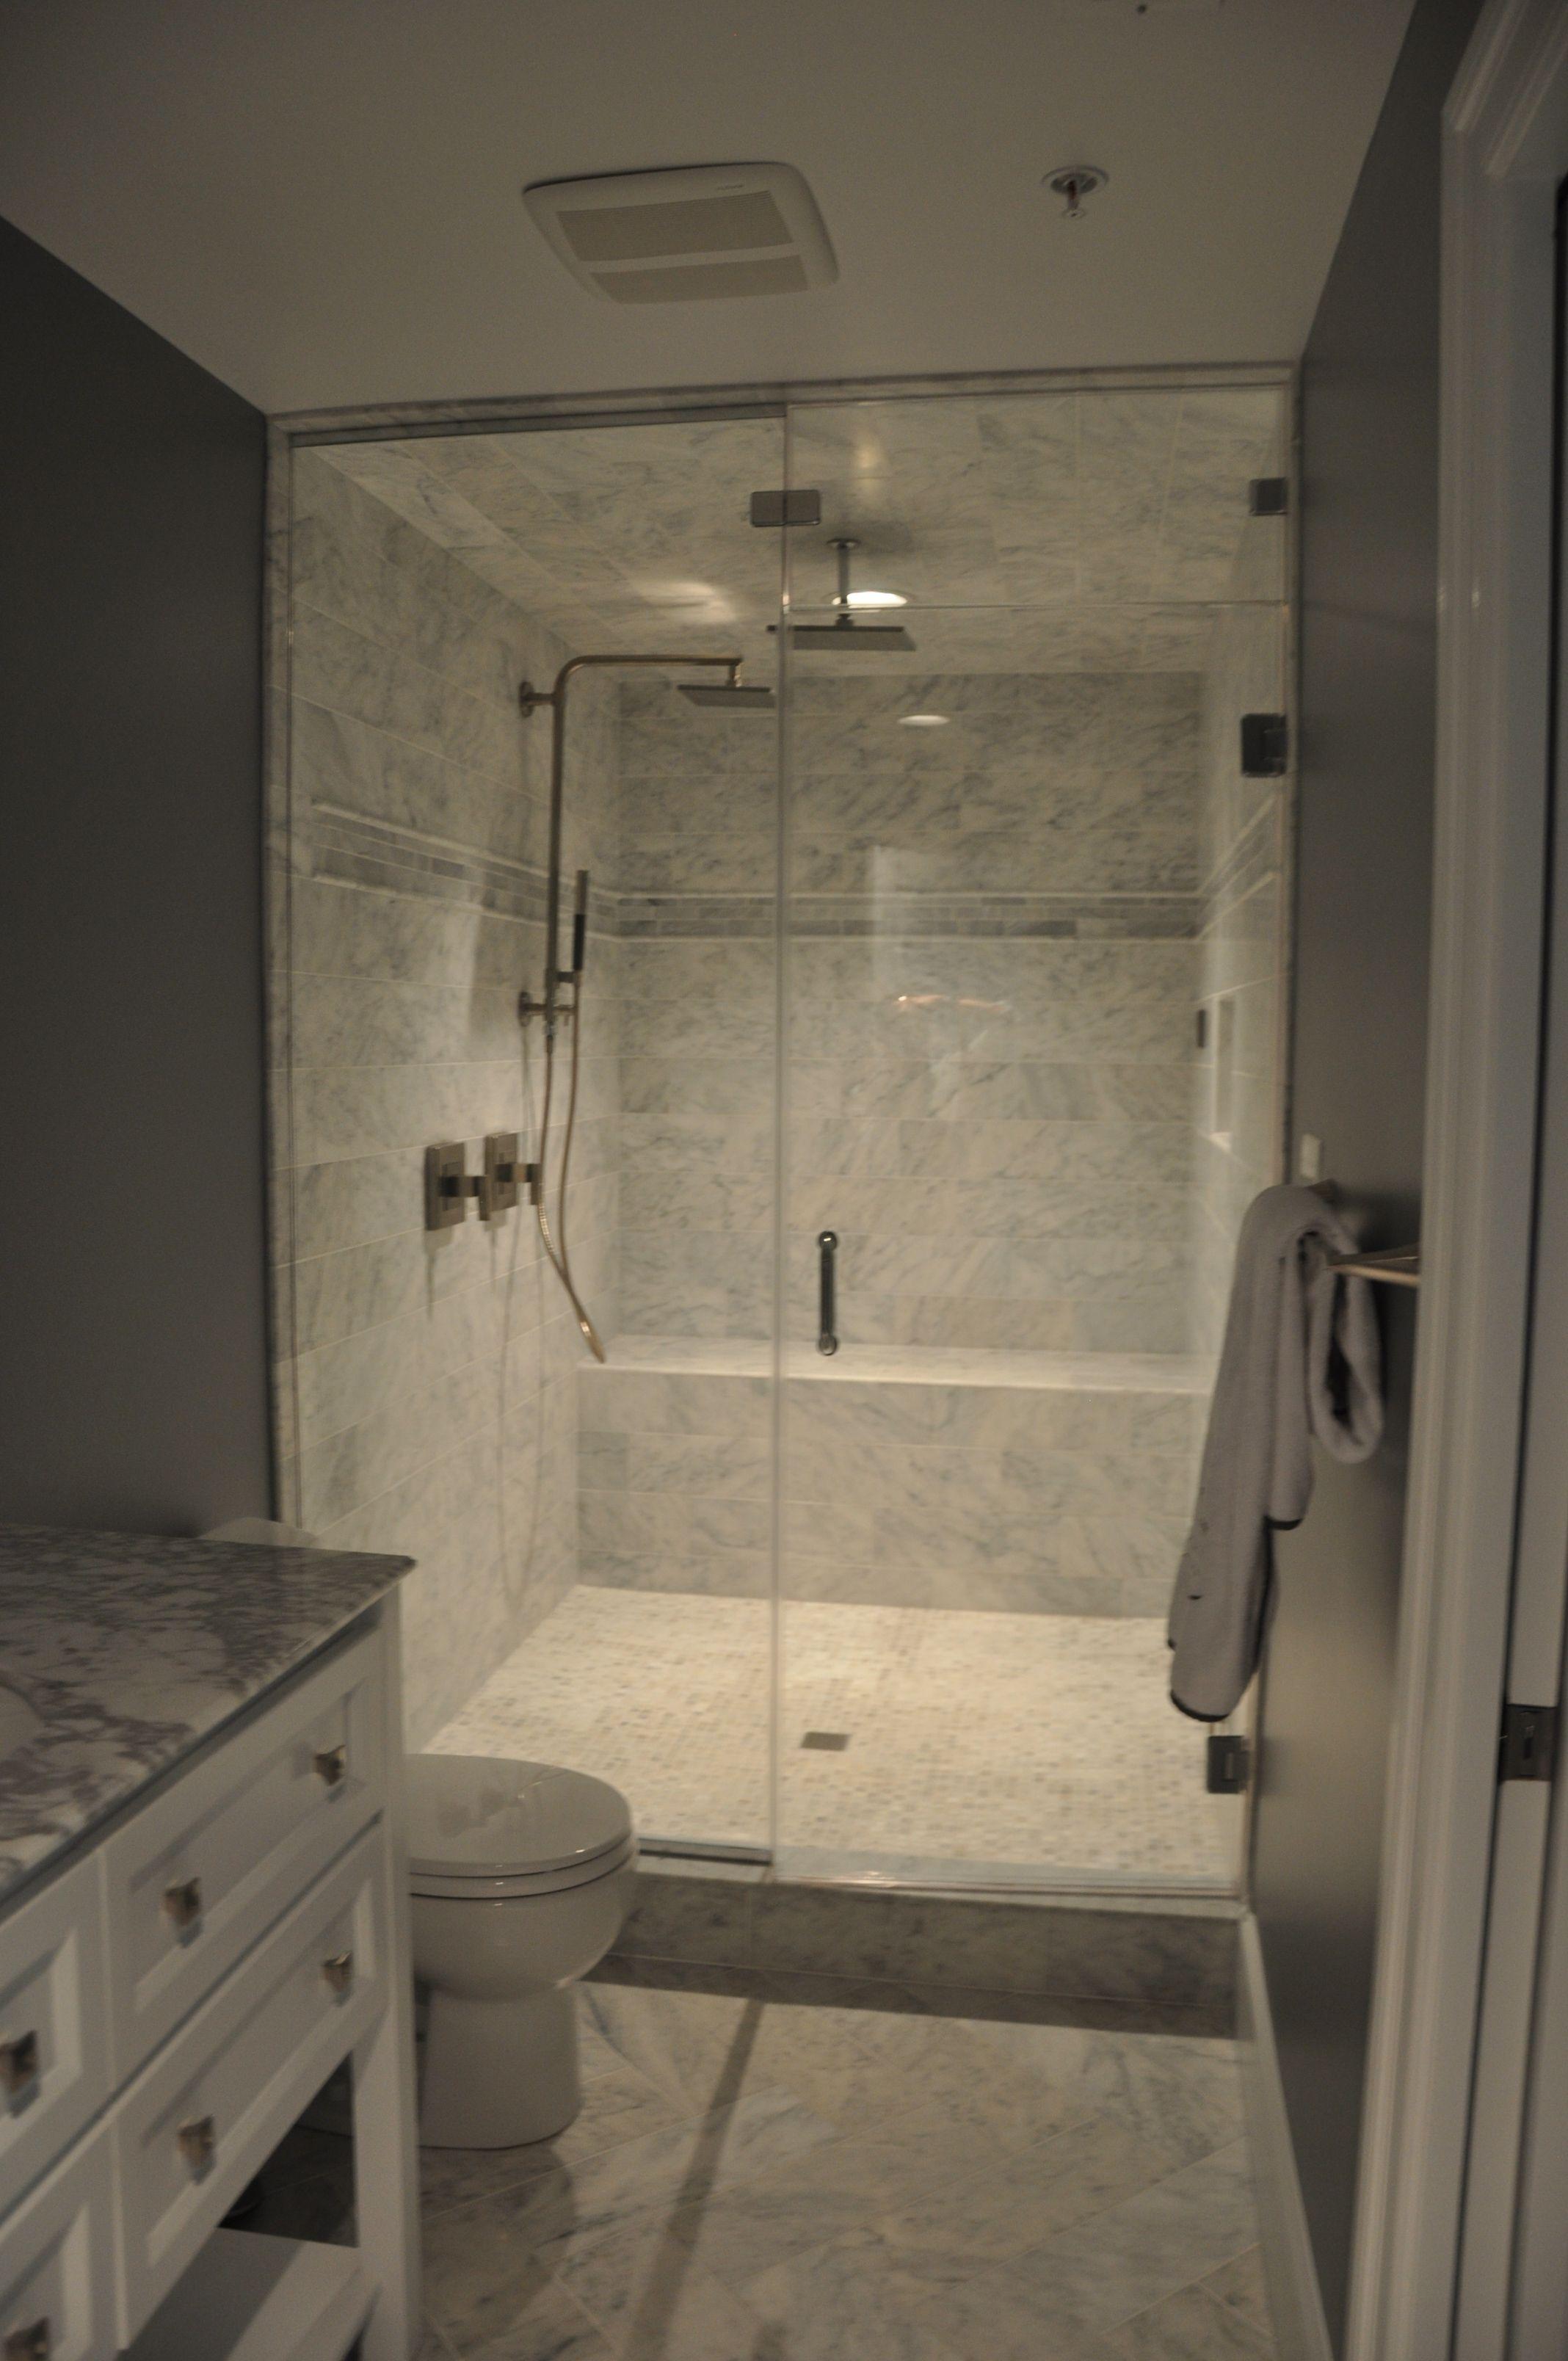 Award Of Excellence Bathroom Remodel 25 000 50 000 Kohler Remodel Bluehouse Architecture Bathroom Design Beautiful Bathroom Designs Simple Bathroom Designs